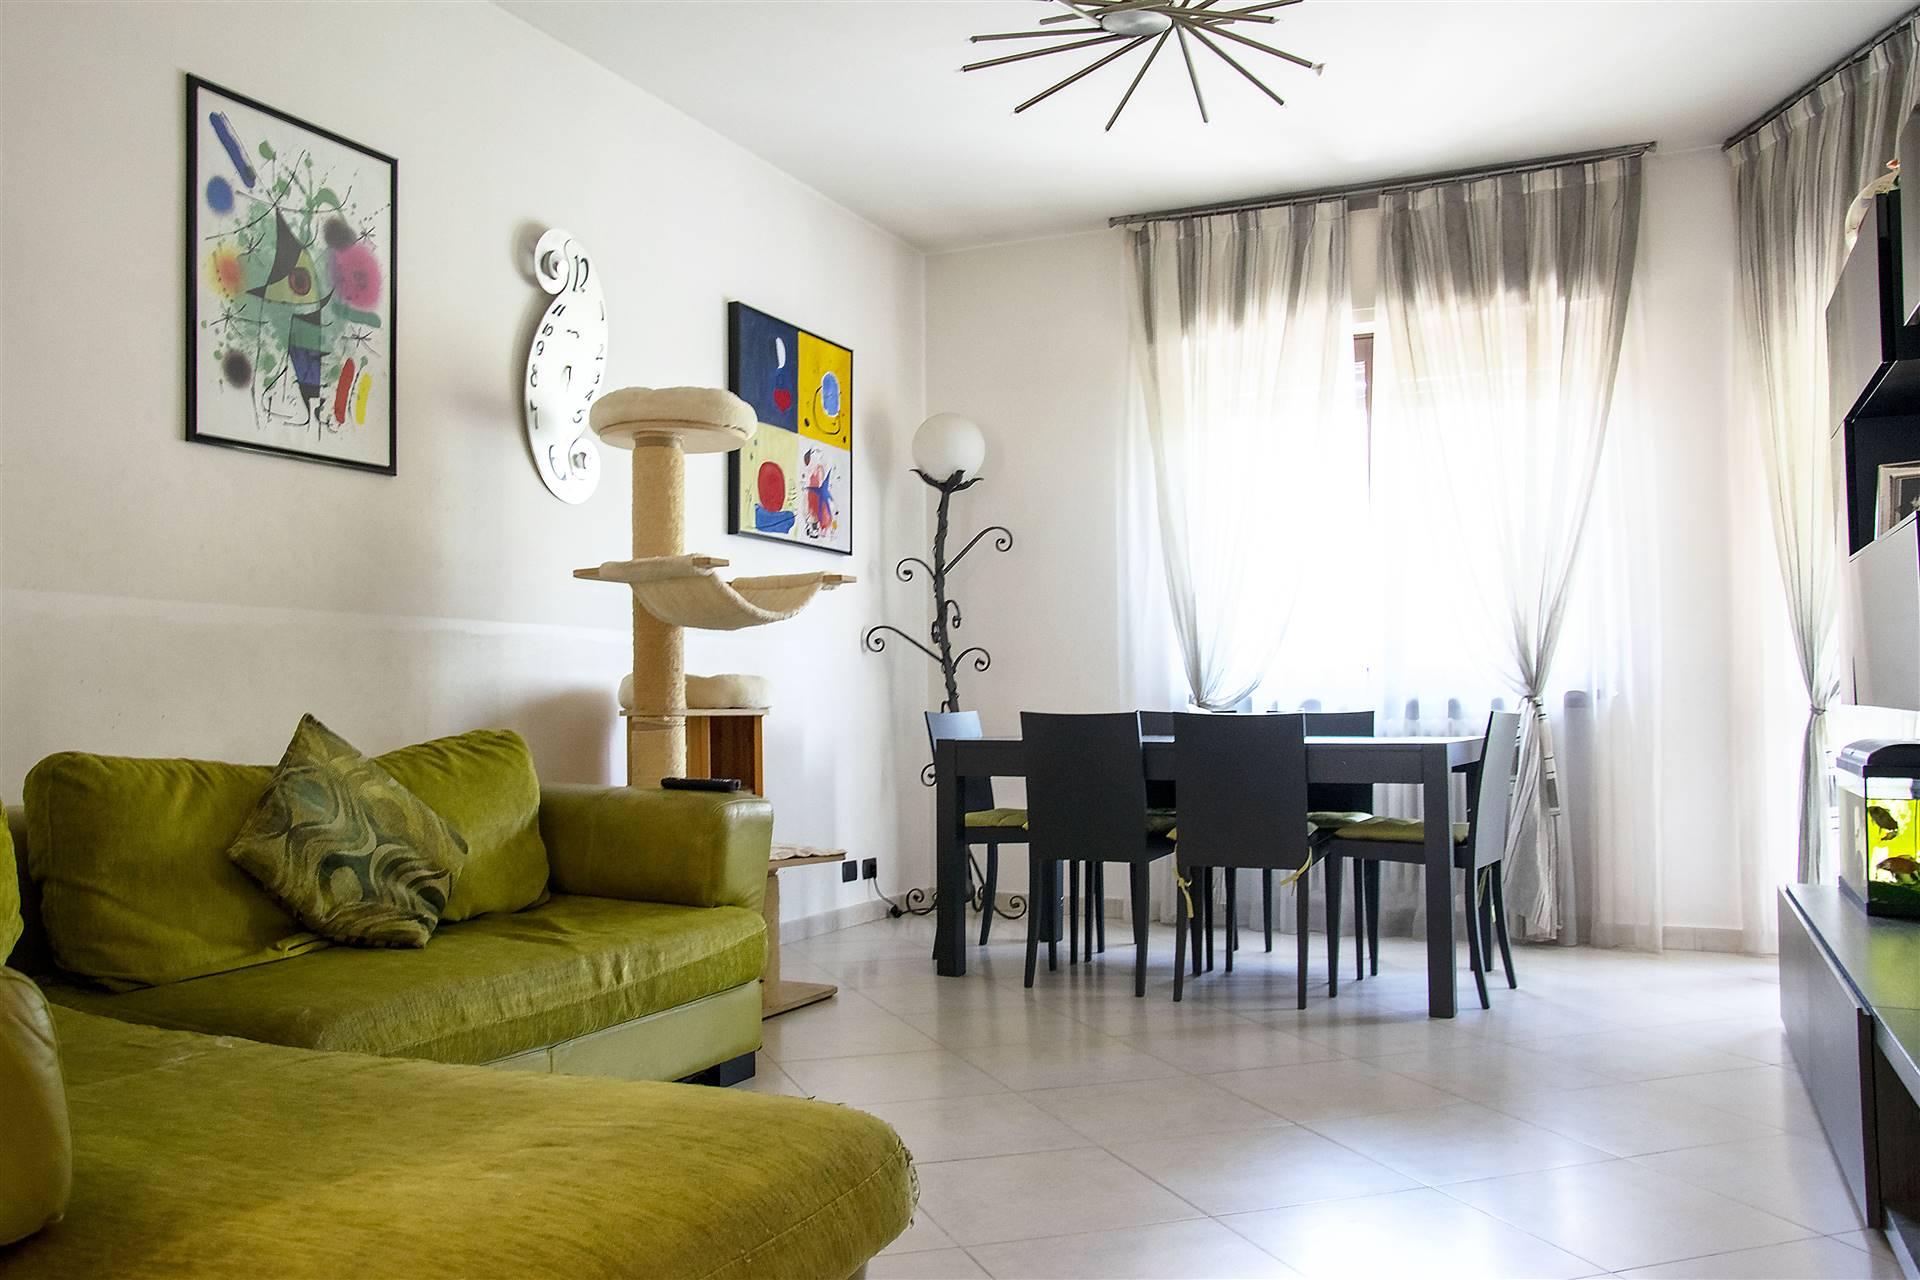 Appartamento in vendita a Capriate San Gervasio, 3 locali, prezzo € 90.000 | PortaleAgenzieImmobiliari.it